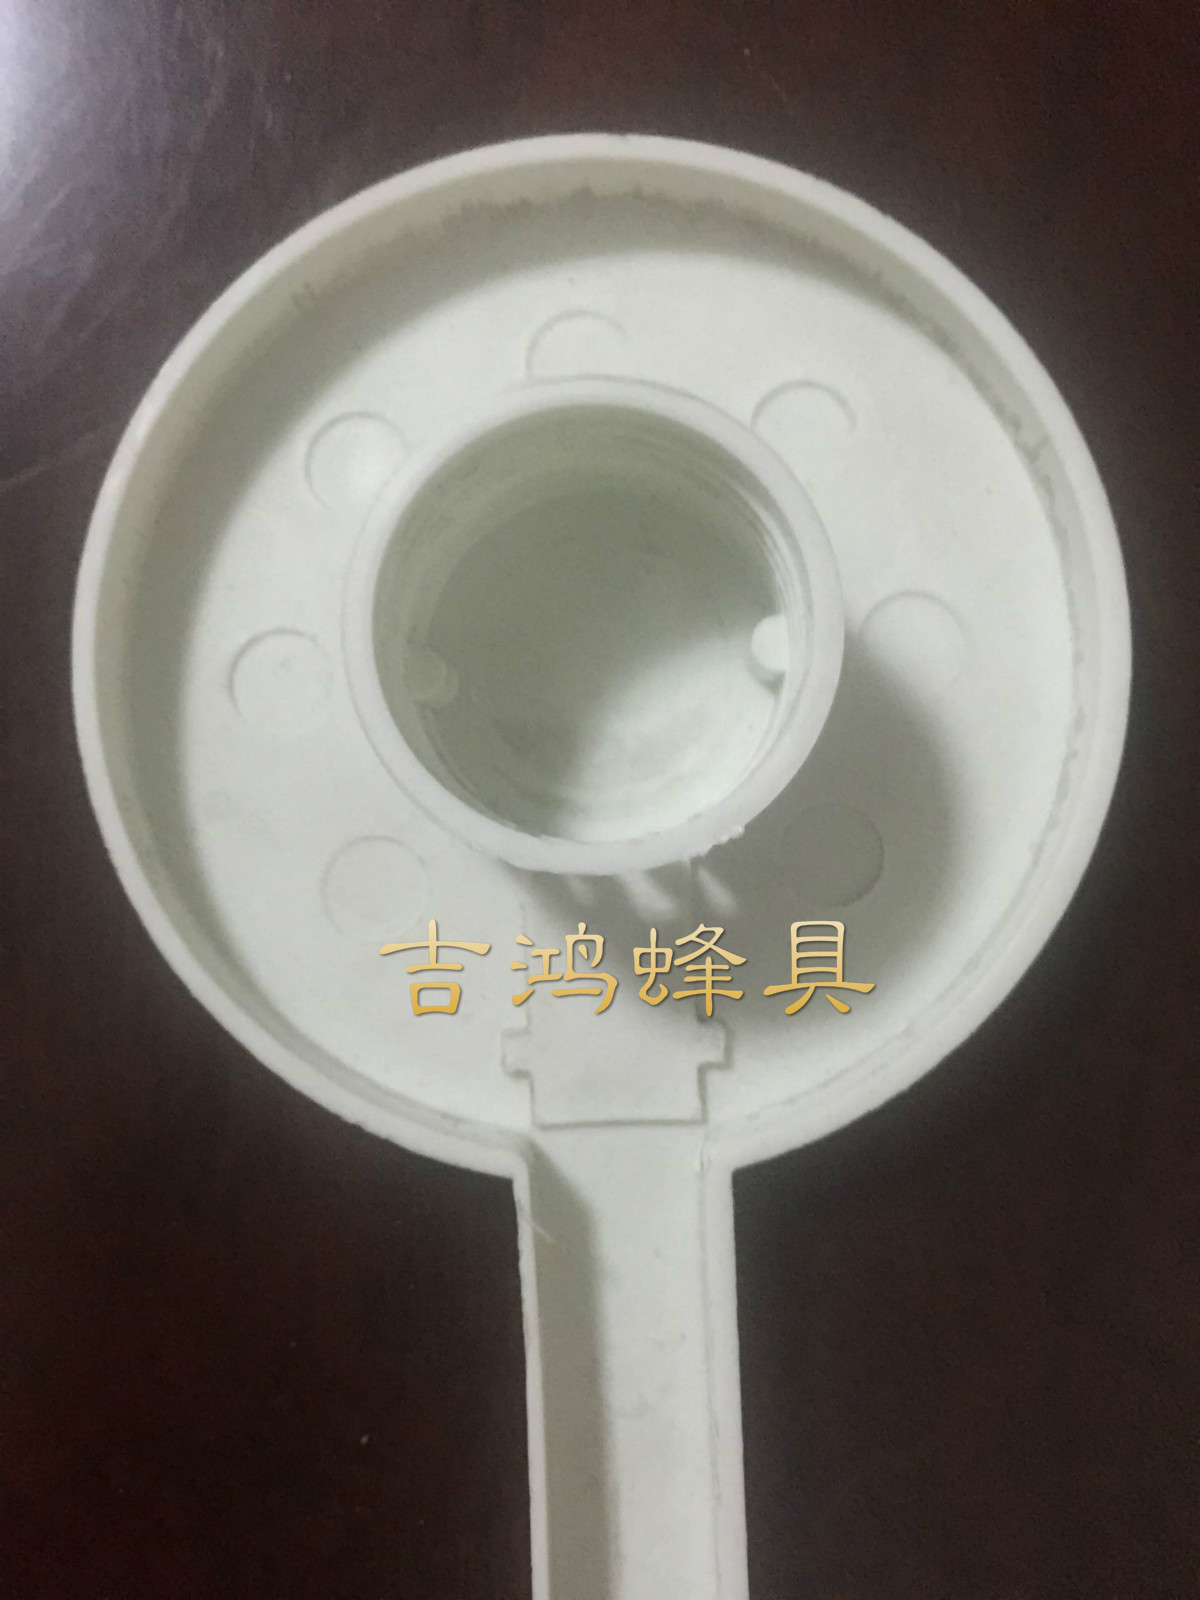 青蛙[正品群]蜜蜂群出售v青蛙广西蜜蜂蜜蜂群出刘地区faye视频飞儿图片